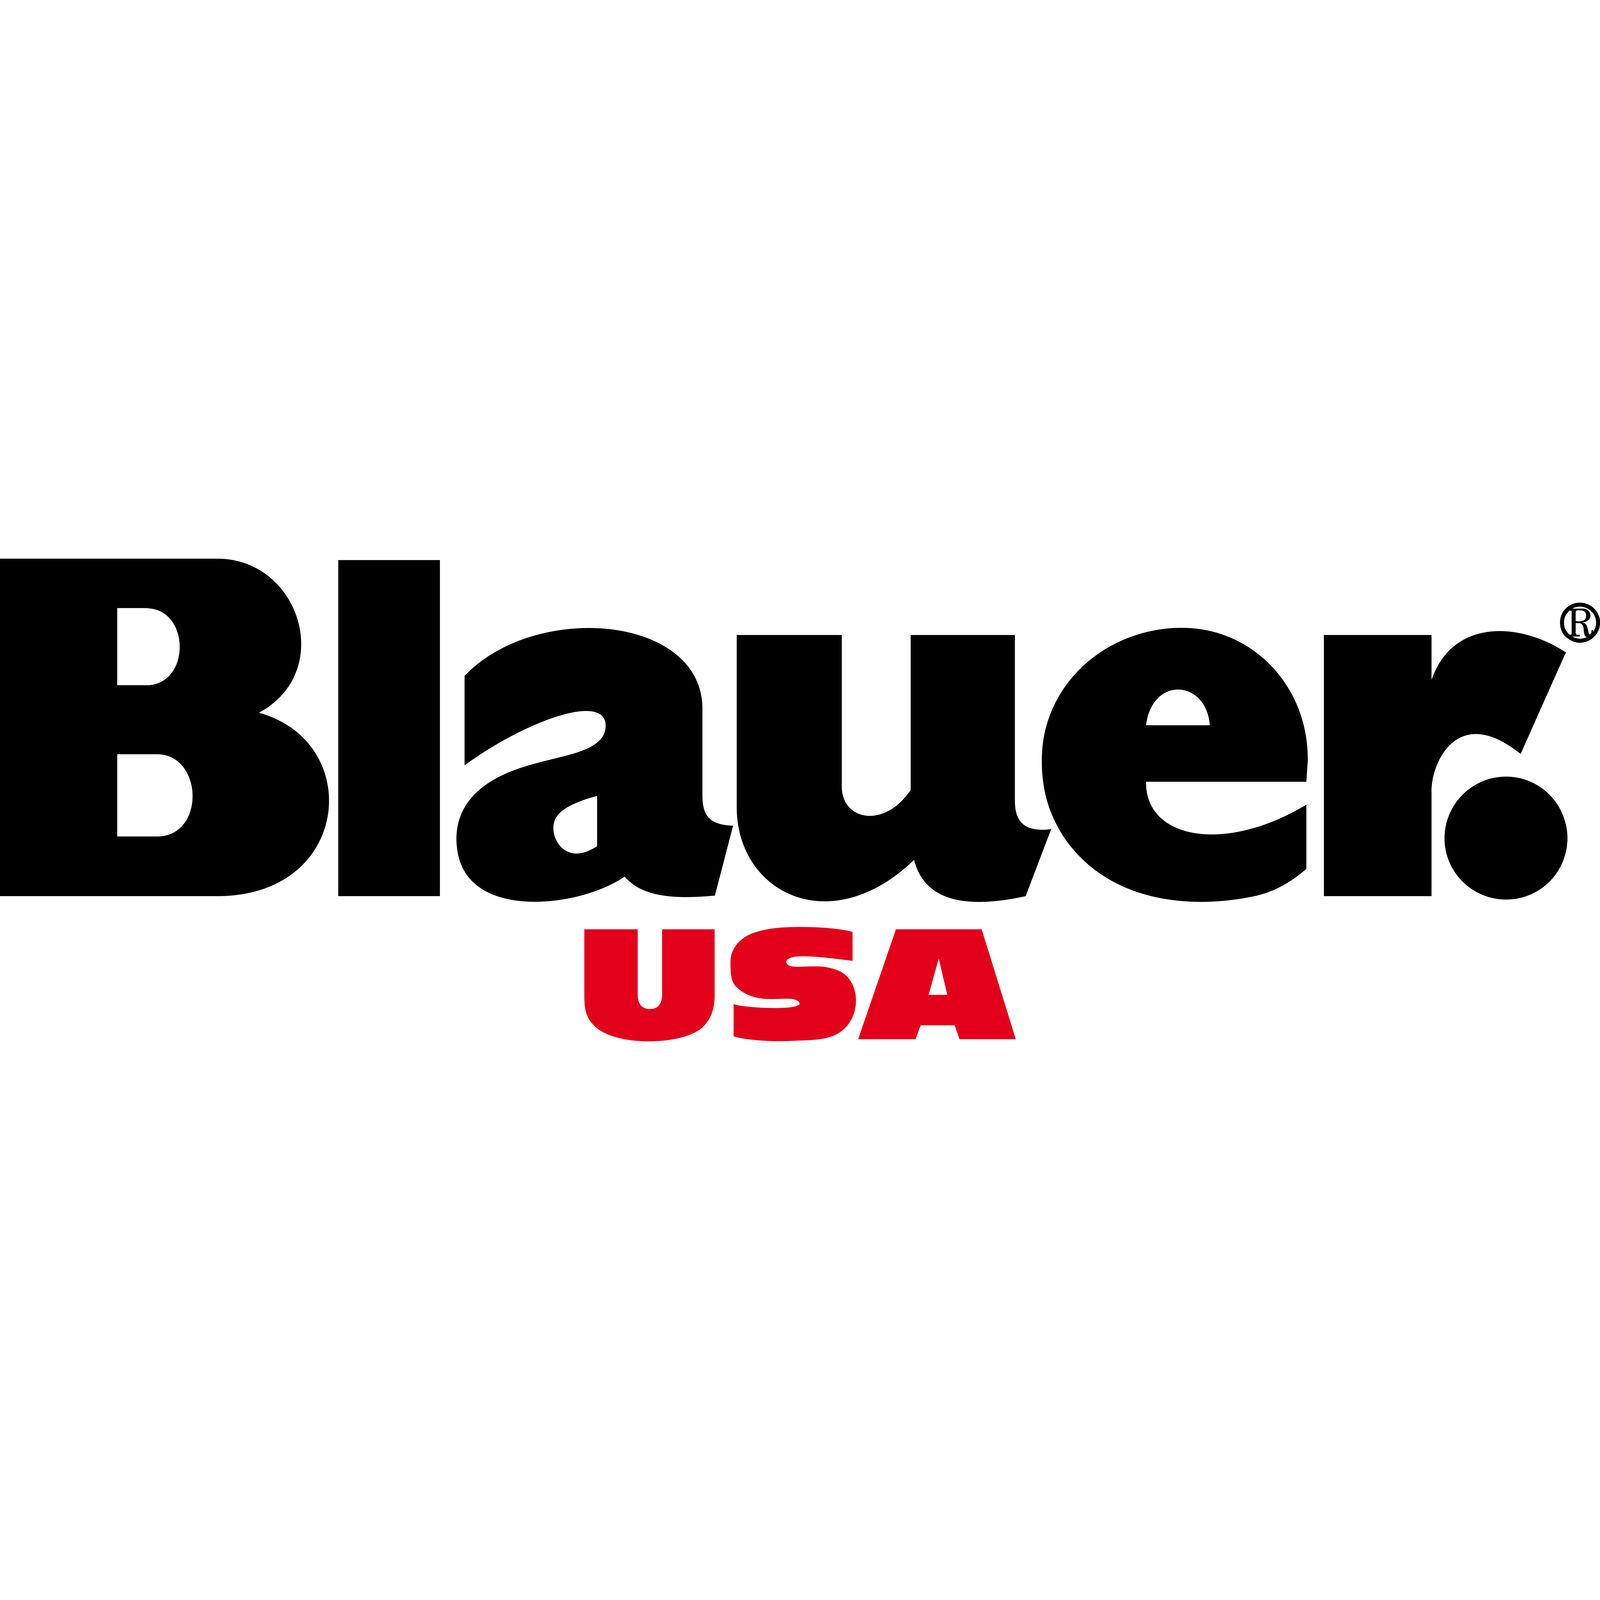 Blauer USA® (Bild 1)